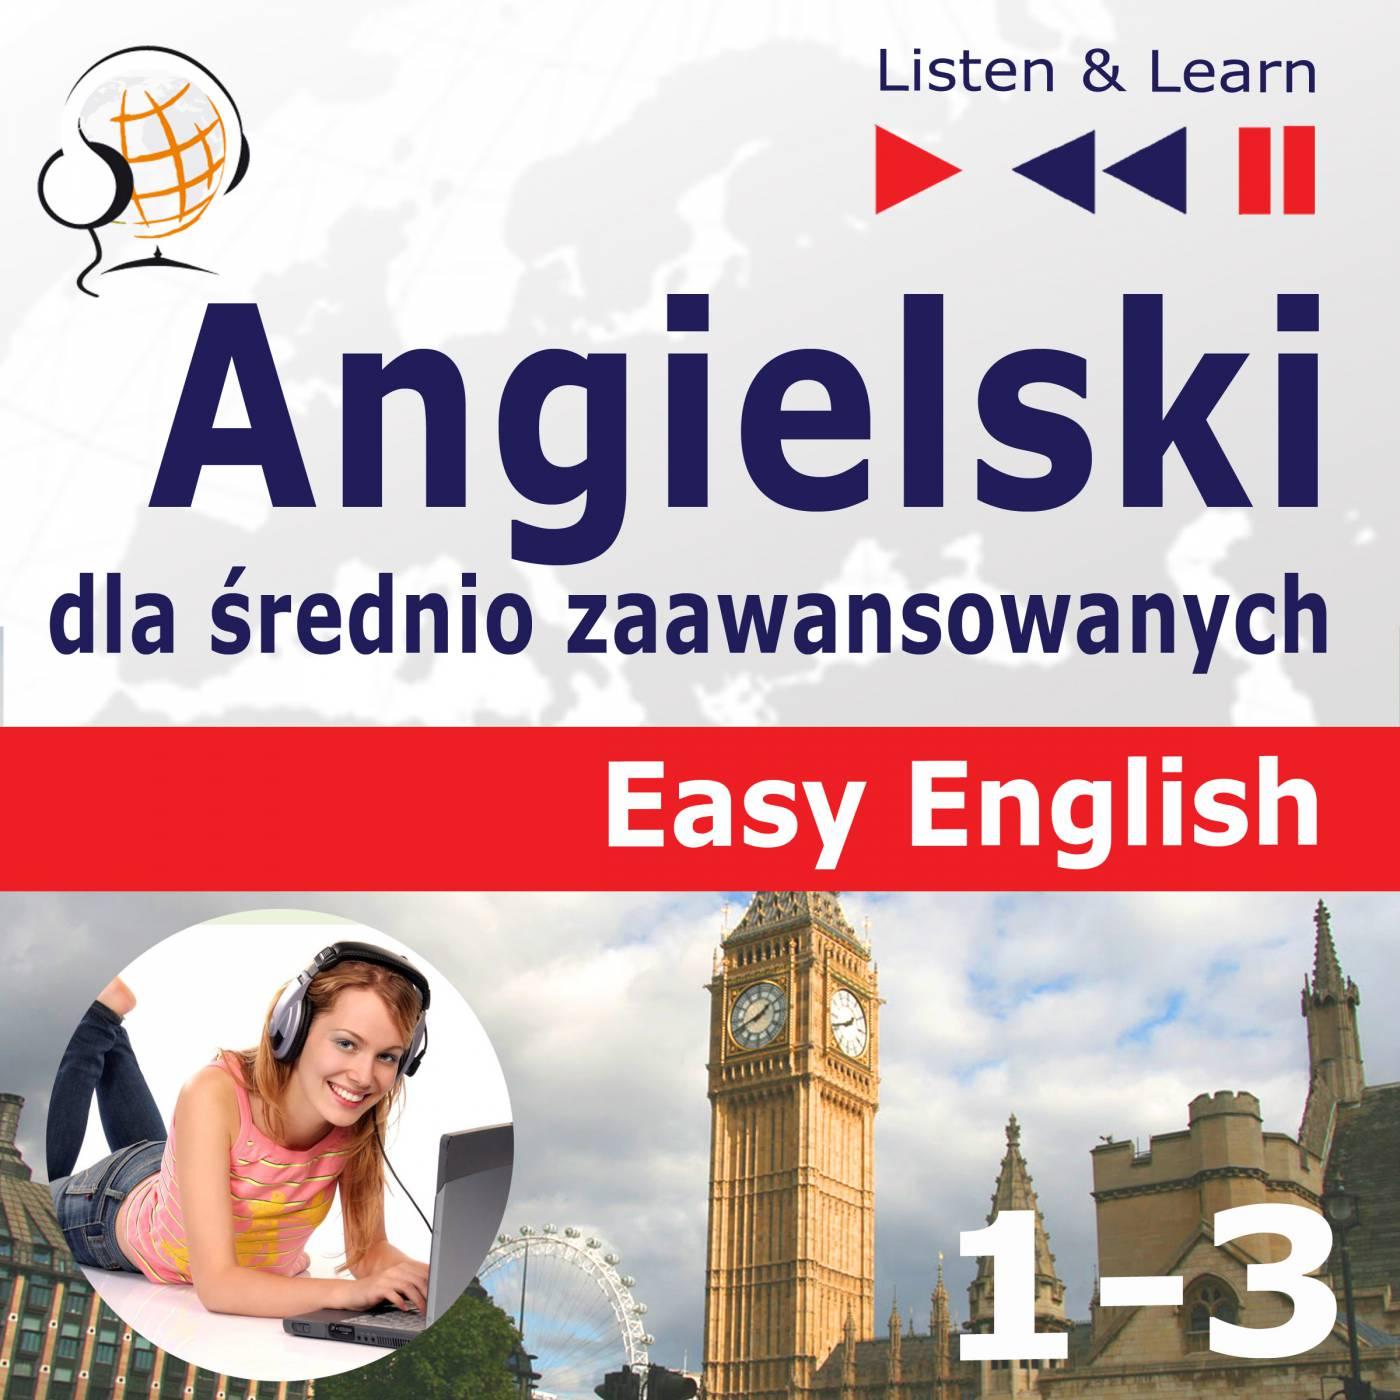 Angielski dla średnio zaawansowanych. Easy English: Części 1-3 - Audiobook (Książka audio MP3) do pobrania w całości w archiwum ZIP